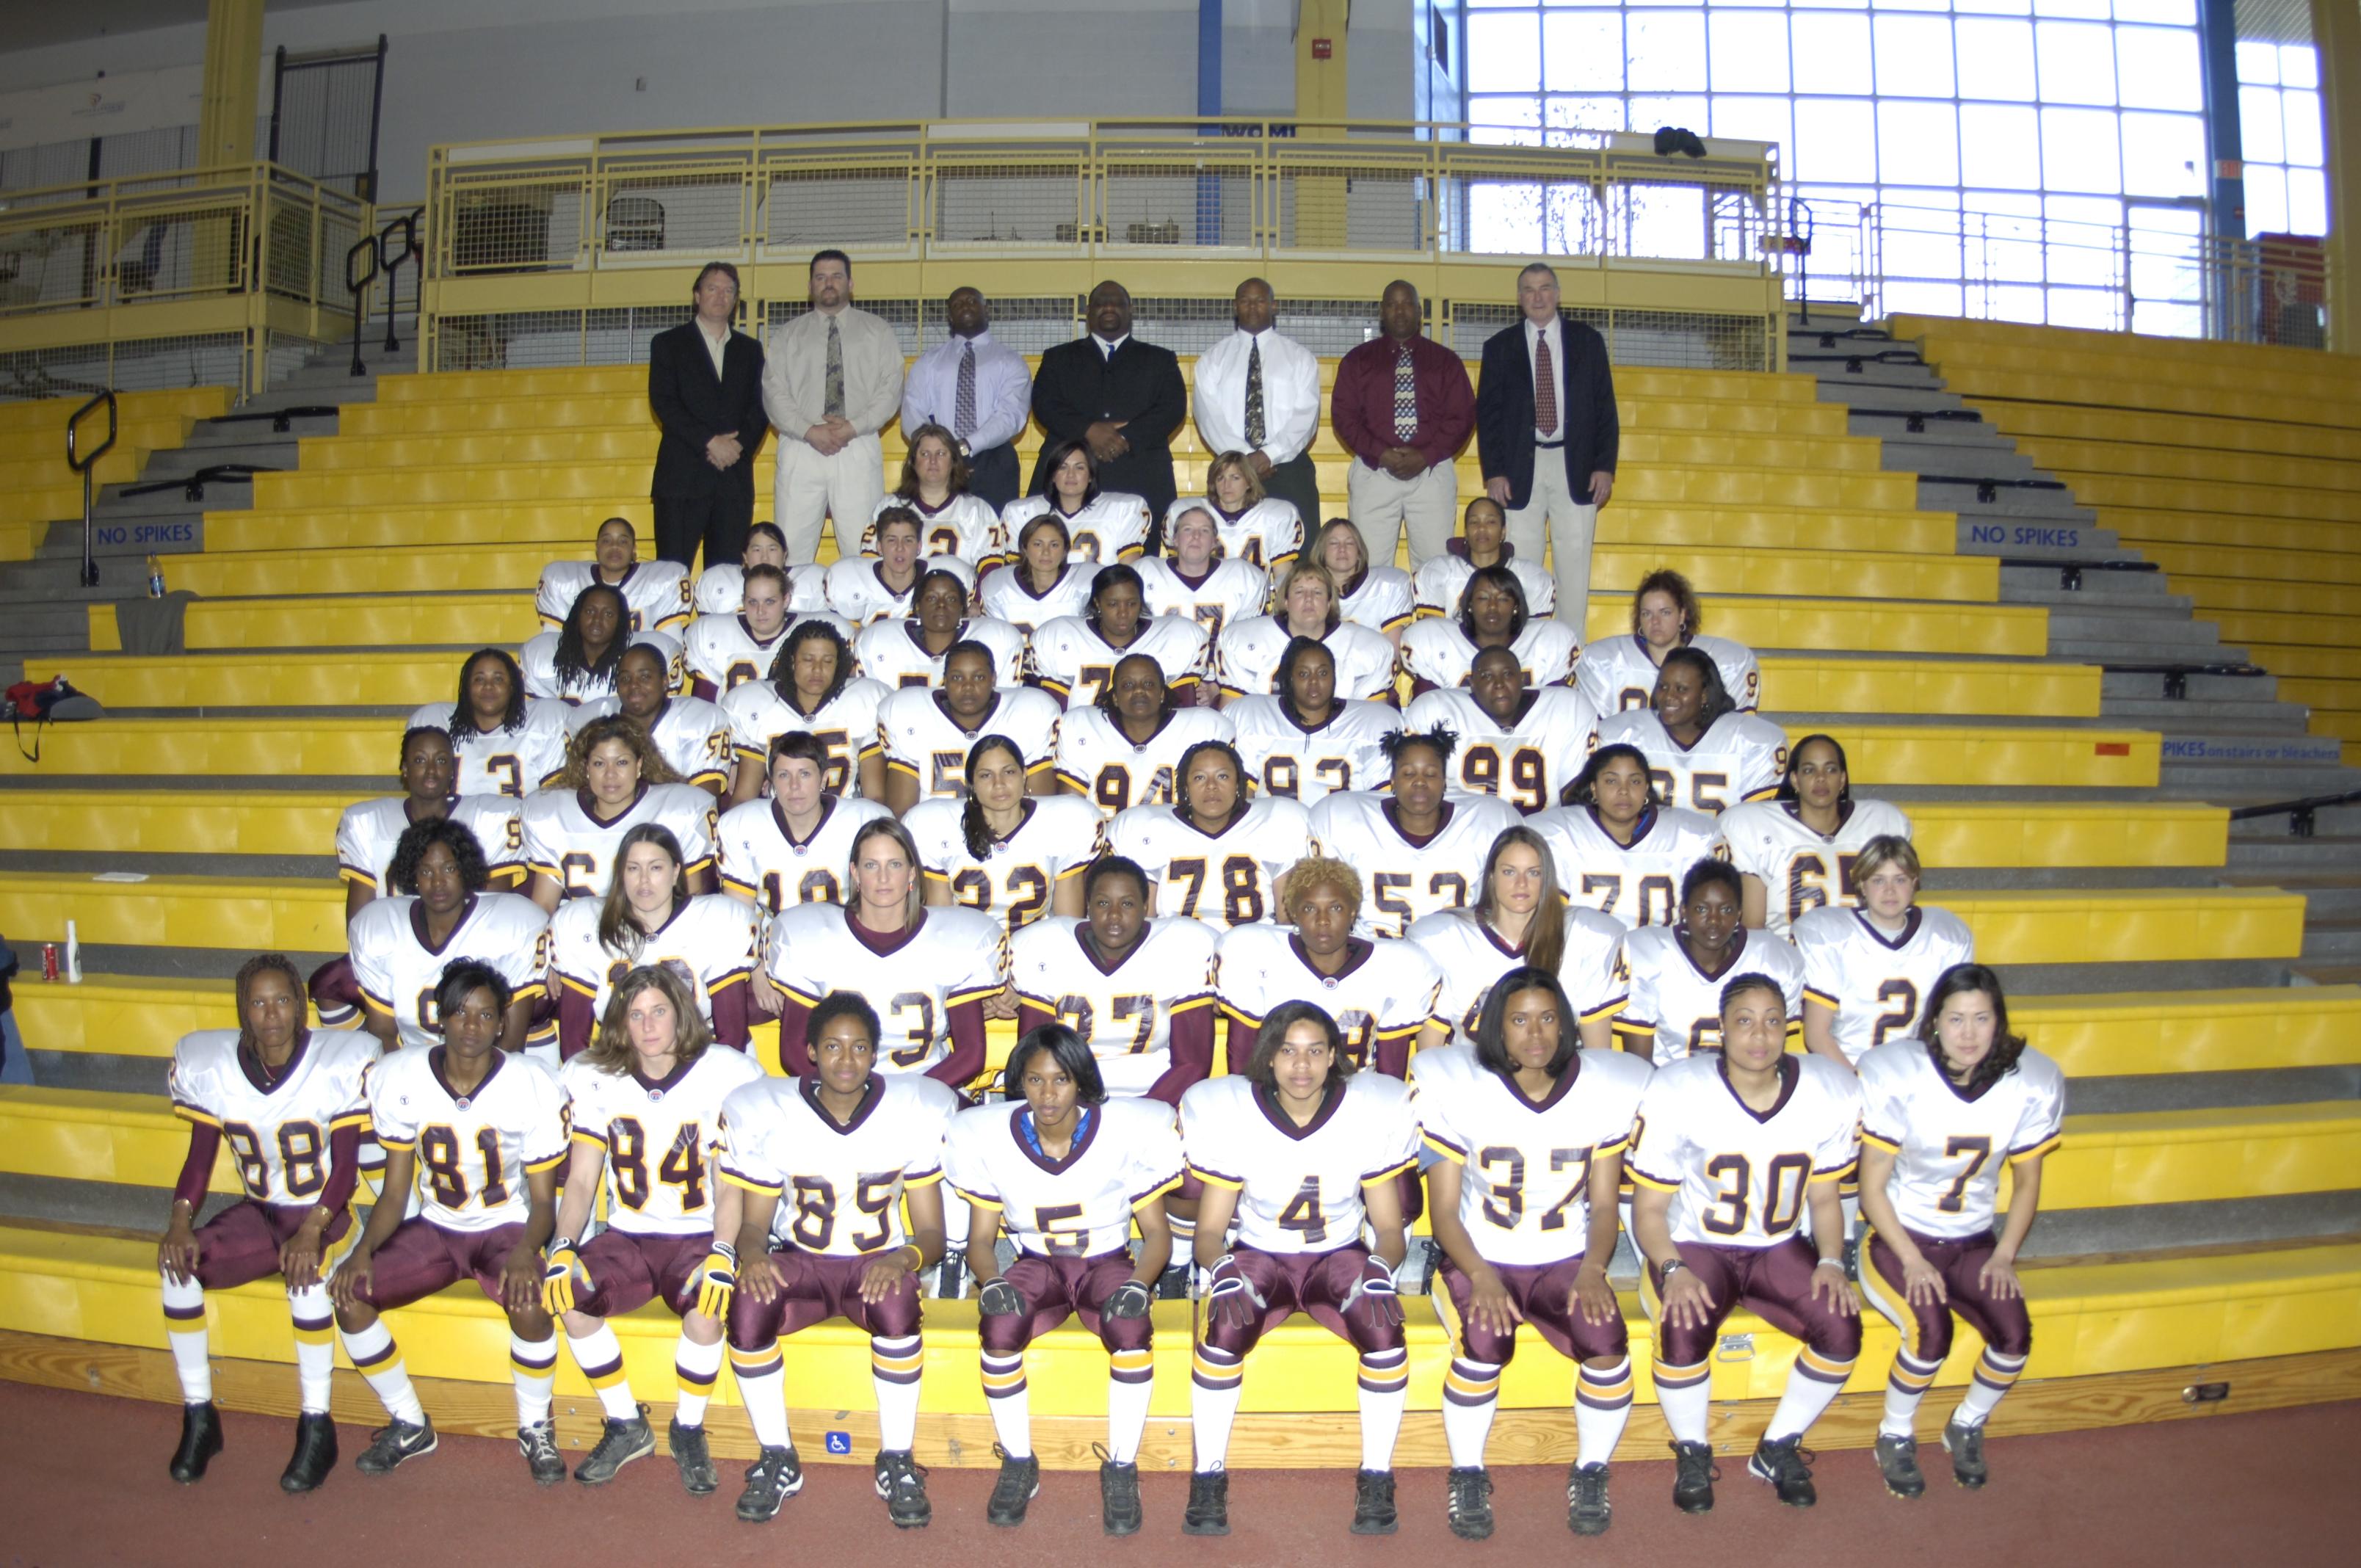 2006 D.C. Divas Roster